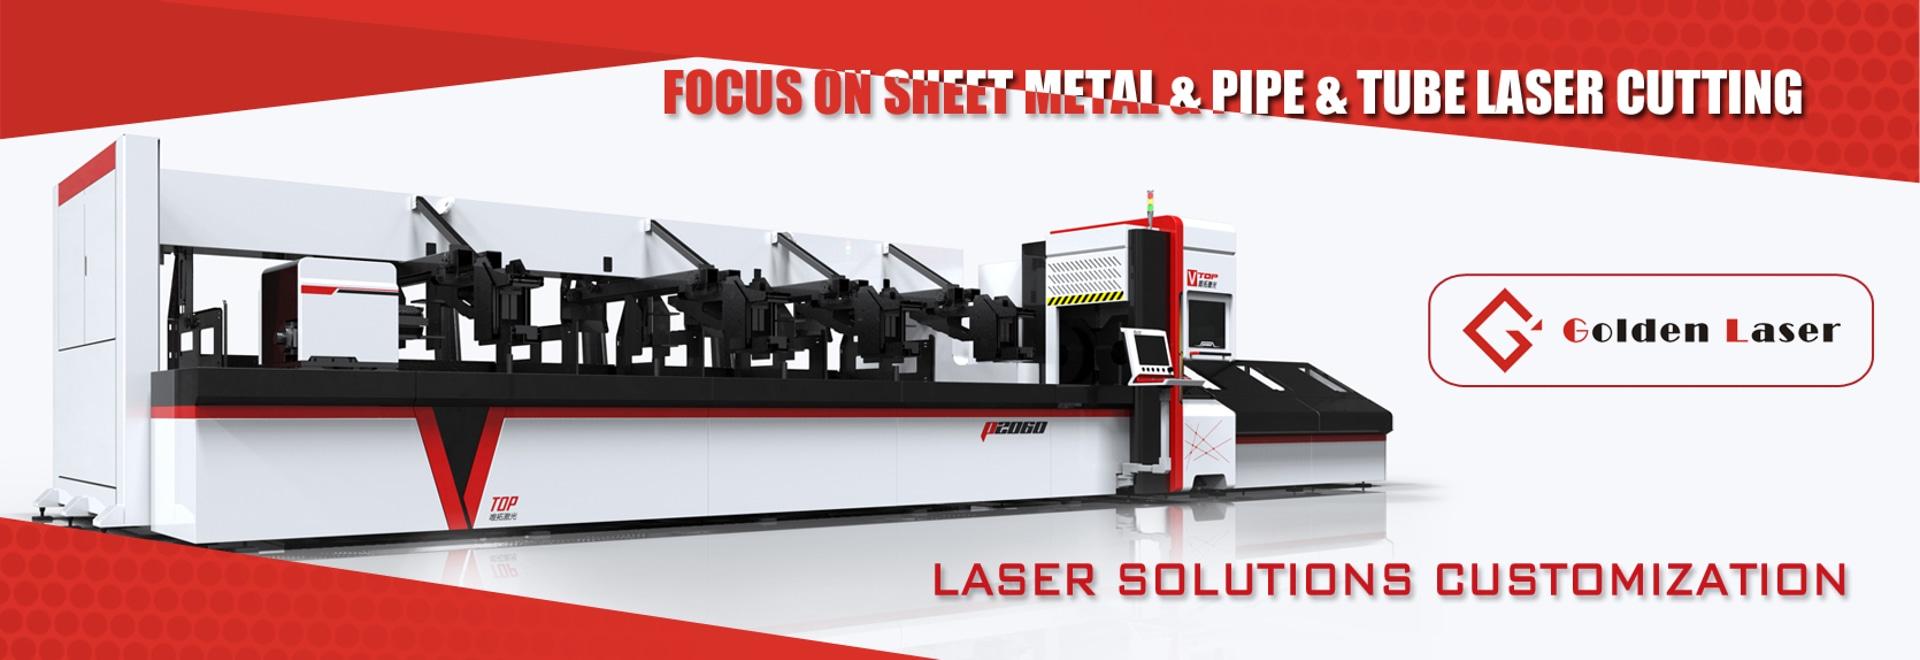 Macchina di taglio quadrato dell'acciaio inossidabile rotonda tubo in fibra di metallo Laser Per Office scrivania, mensola di esposizione